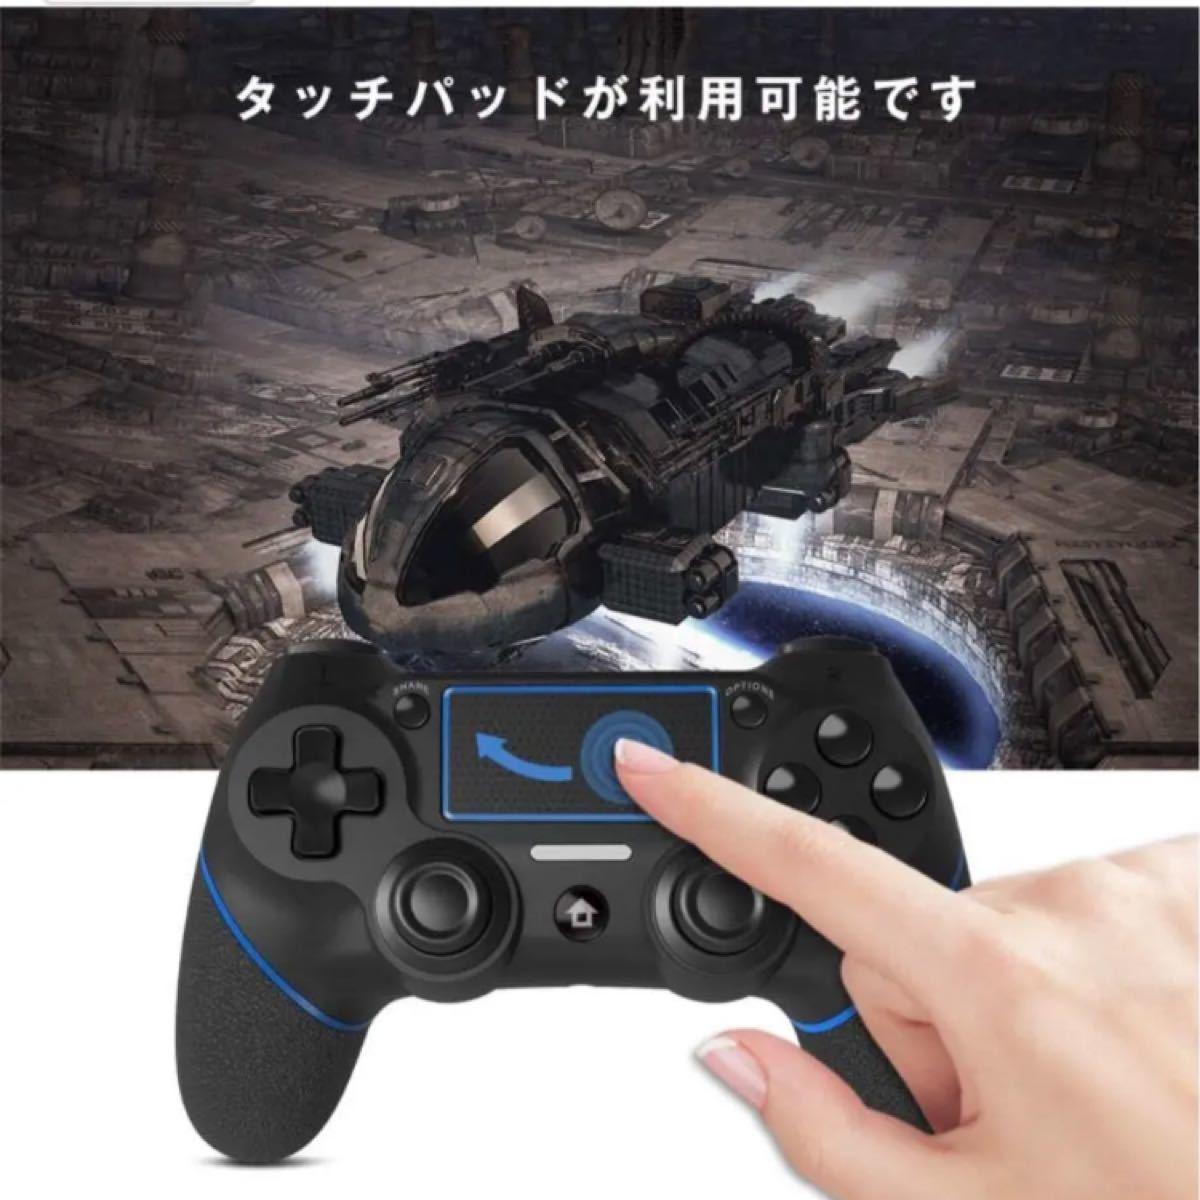 有線コントローラー PS4/PS4 Proに適用 振動/重力感応/タッチパッド